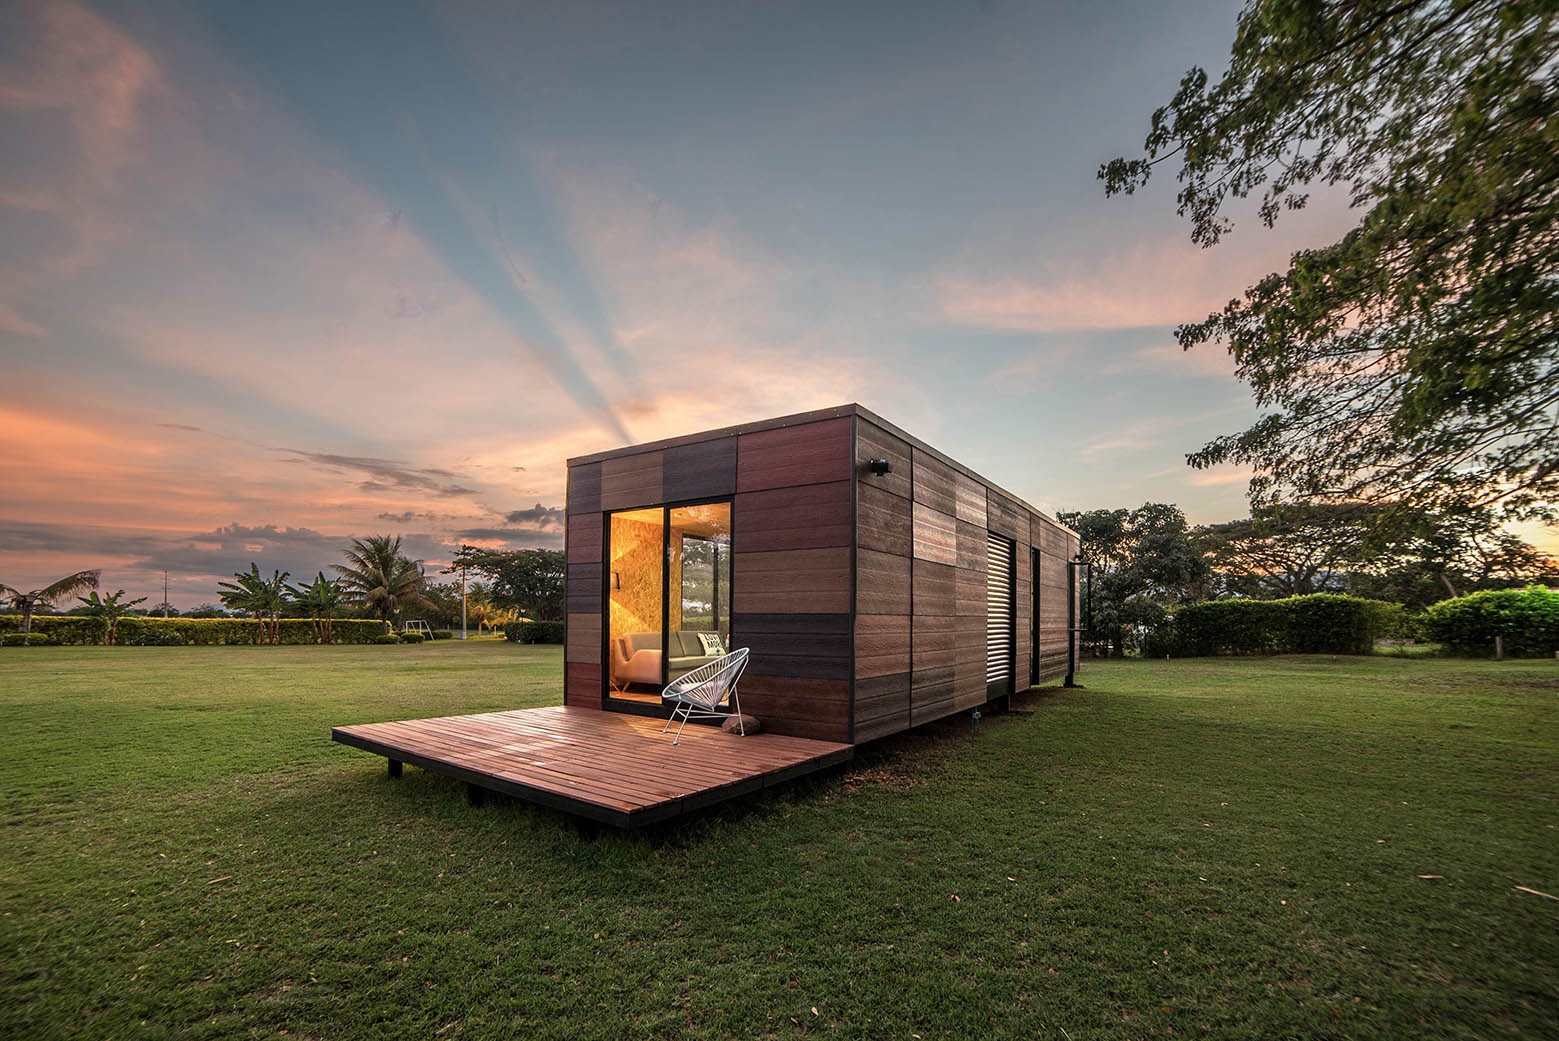 Galeria de VIMOB / Colectivo Creativo Arquitectos - 9